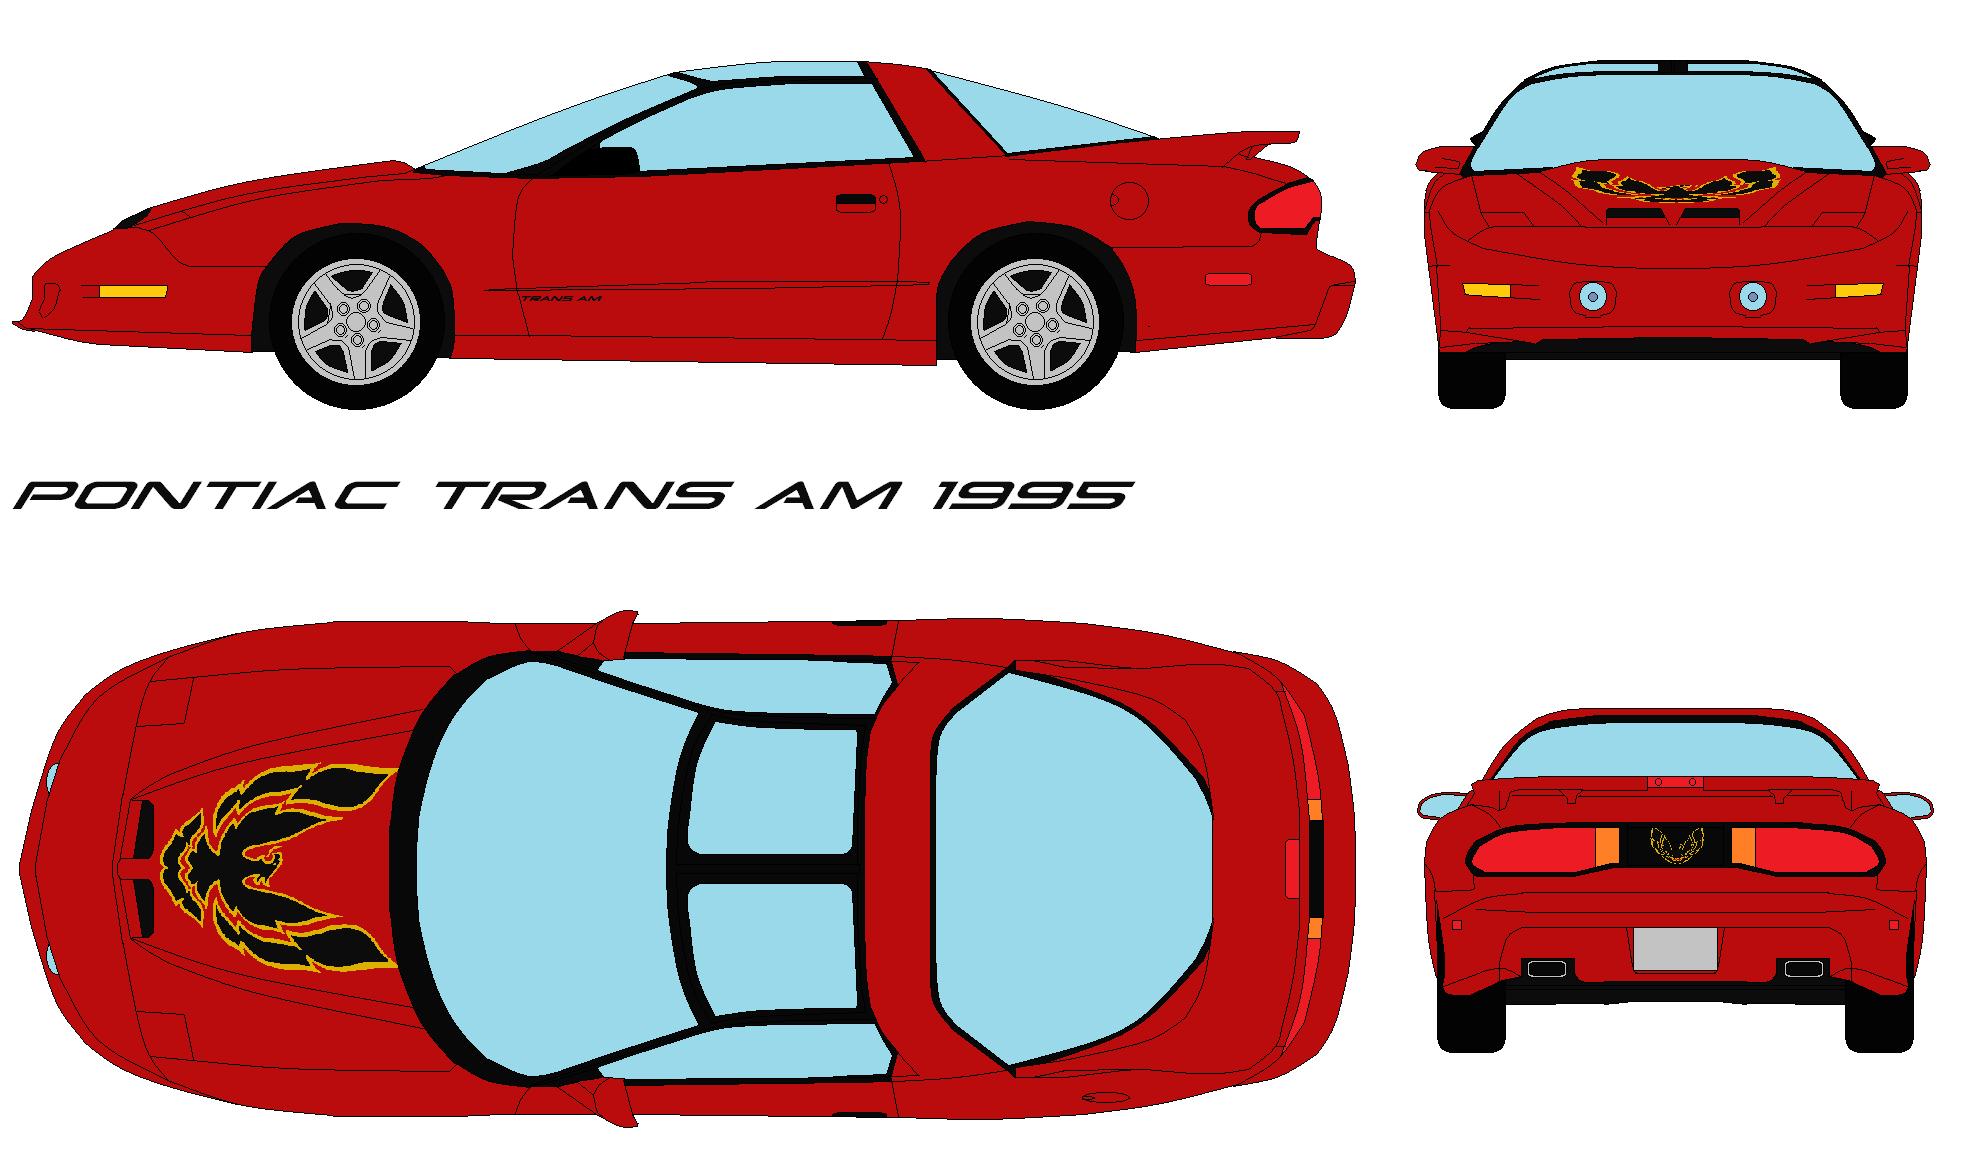 Pontiac Trans Am 1995